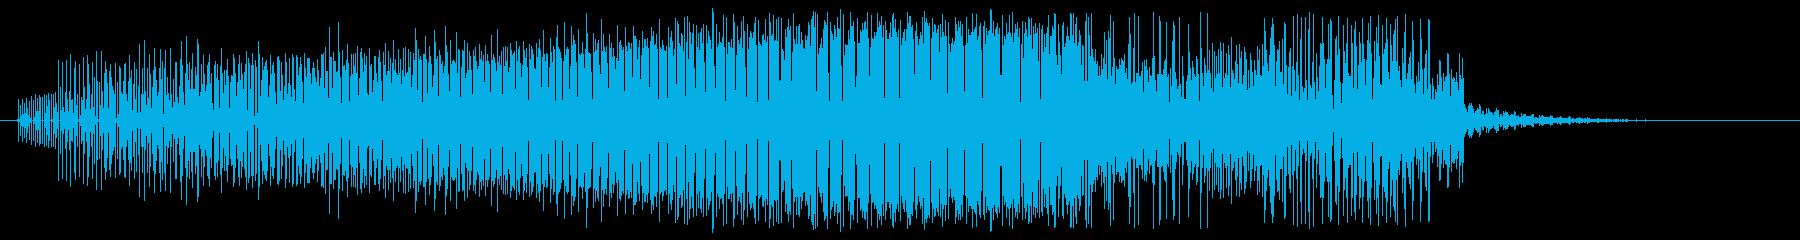 ジリジリ:力が収束する音の再生済みの波形